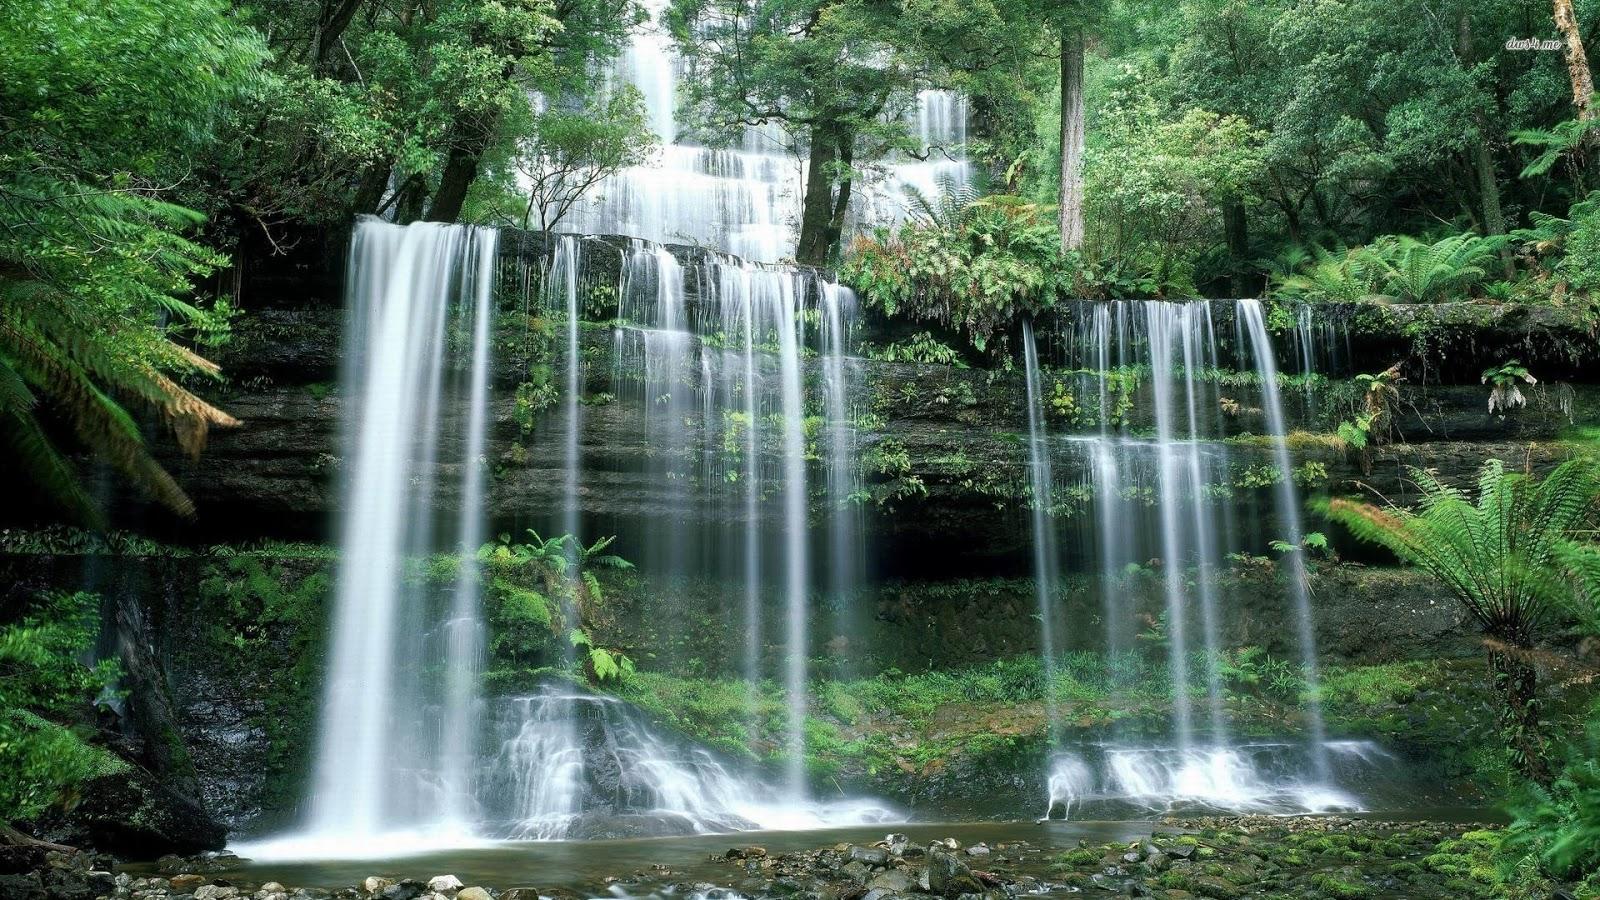 http://2.bp.blogspot.com/-IV7ikNUSotA/UJVJfHf4pII/AAAAAAAAPis/mvFtxhemLAo/s1600/2425-russell-falls-1920x1080-nature-wallpaper.jpg